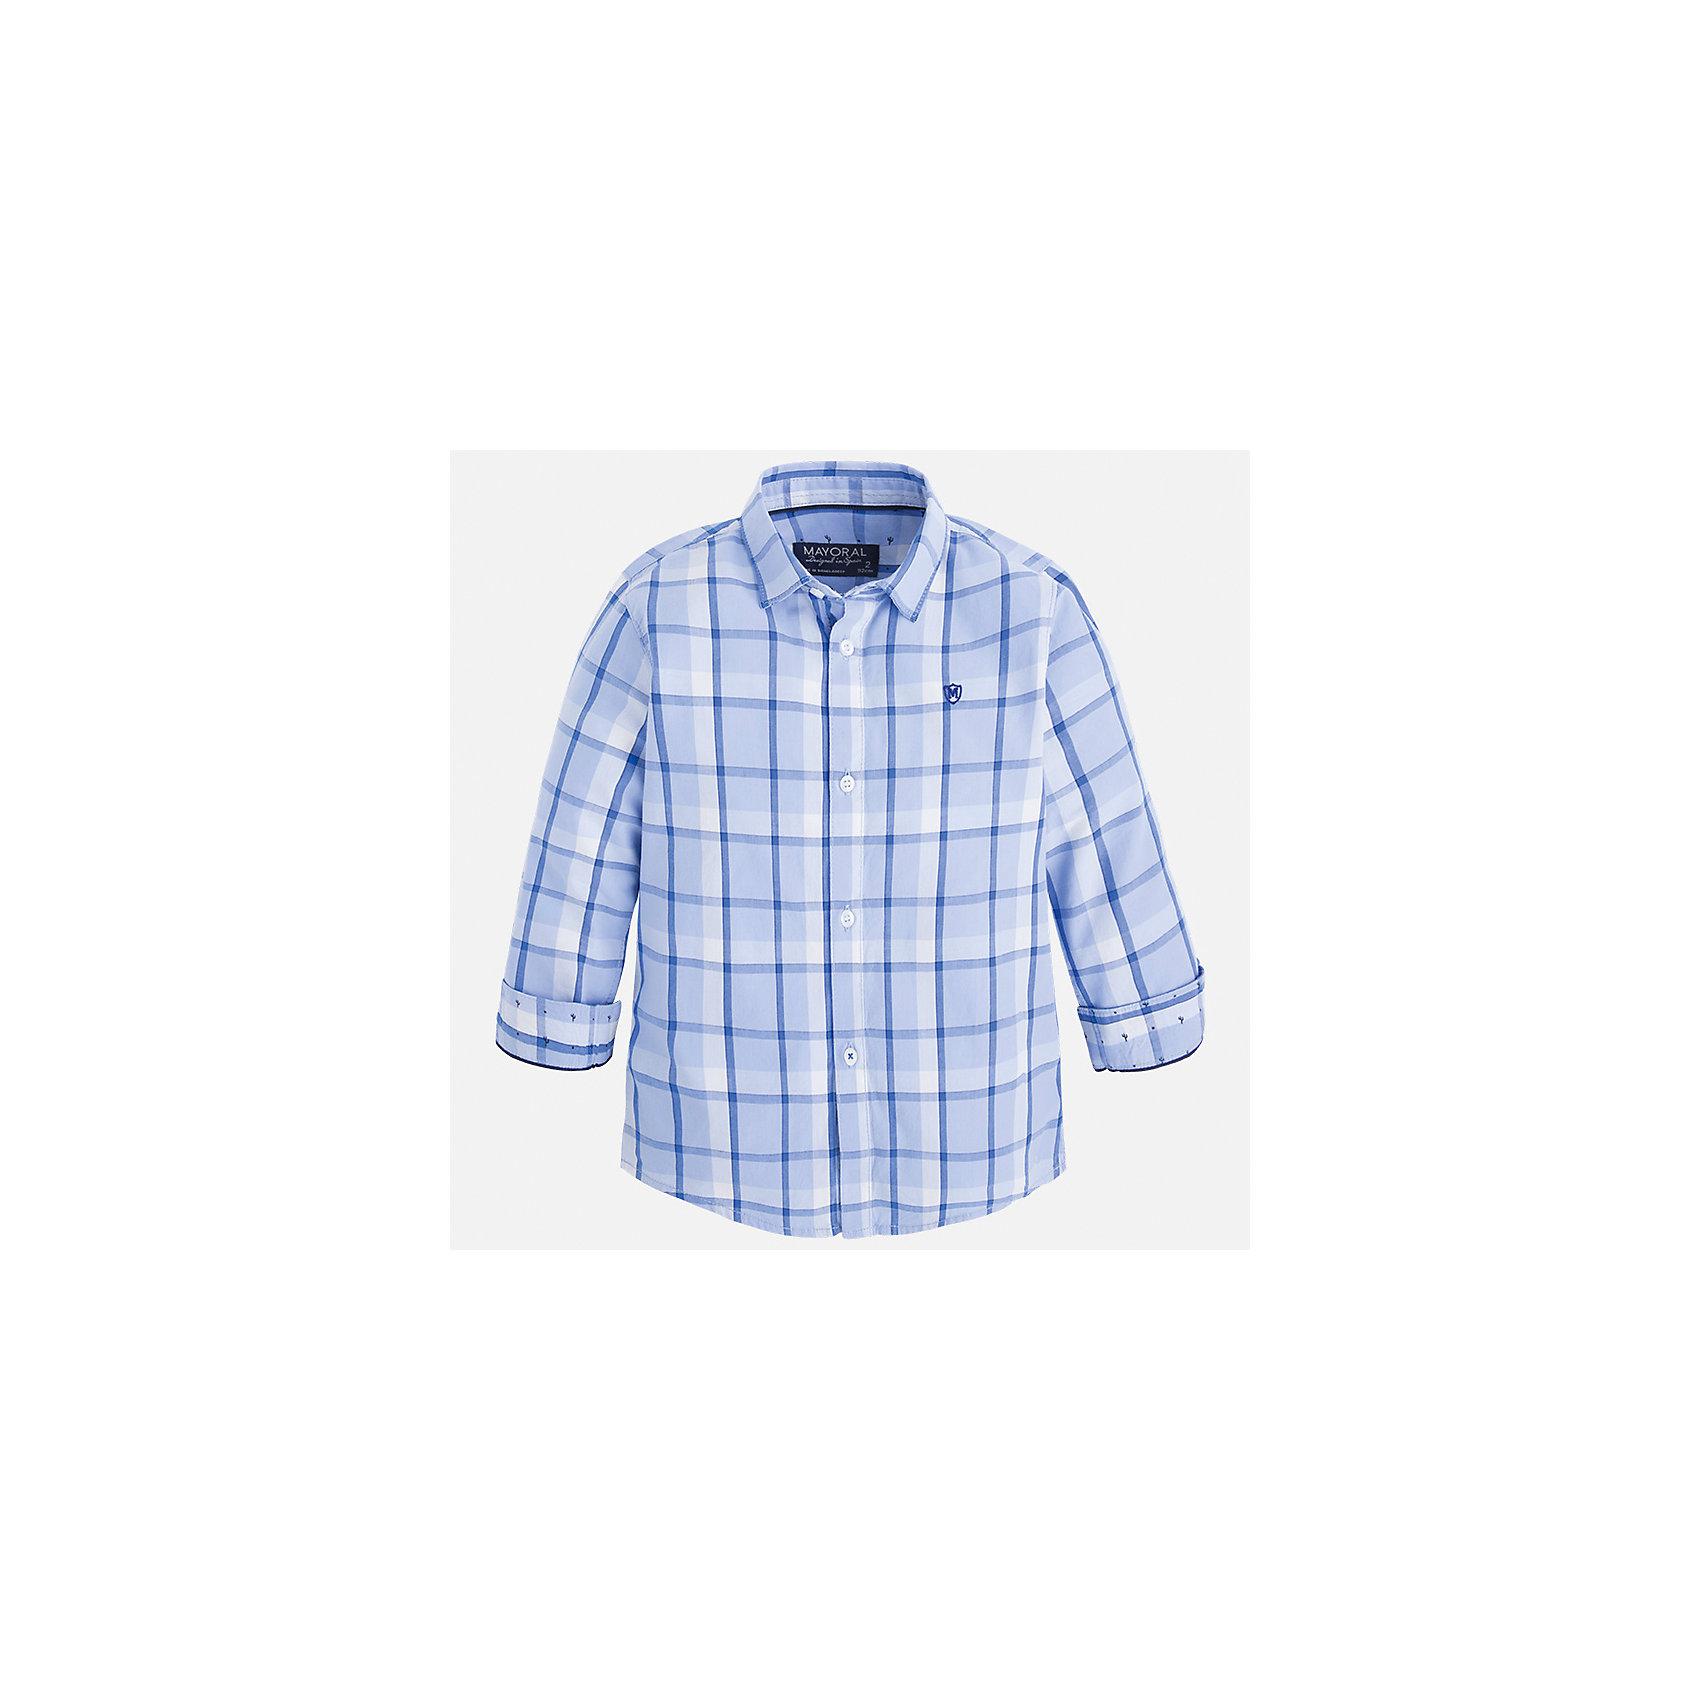 Рубашка для мальчика MayoralБлузки и рубашки<br>Характеристики товара:<br><br>• цвет: голубой<br>• состав: 100% хлопок<br>• отложной воротник<br>• рукава с отворотами<br>• застежка: пуговицы<br>• вышивка на груди<br>• страна бренда: Испания<br><br>Удобная модная рубашка-поло для мальчика может стать базовой вещью в гардеробе ребенка. Она отлично сочетается с брюками, шортами, джинсами и т.д. Универсальный крой и цвет позволяет подобрать к вещи низ разных расцветок. Практичное и стильное изделие! В составе материала - только натуральный хлопок, гипоаллергенный, приятный на ощупь, дышащий.<br><br>Одежда, обувь и аксессуары от испанского бренда Mayoral полюбились детям и взрослым по всему миру. Модели этой марки - стильные и удобные. Для их производства используются только безопасные, качественные материалы и фурнитура. Порадуйте ребенка модными и красивыми вещами от Mayoral! <br><br>Рубашку-поло для мальчика от испанского бренда Mayoral (Майорал) можно купить в нашем интернет-магазине.<br><br>Ширина мм: 174<br>Глубина мм: 10<br>Высота мм: 169<br>Вес г: 157<br>Цвет: белый<br>Возраст от месяцев: 60<br>Возраст до месяцев: 72<br>Пол: Мужской<br>Возраст: Детский<br>Размер: 116,134,128,122,110,104,98,92<br>SKU: 5272441